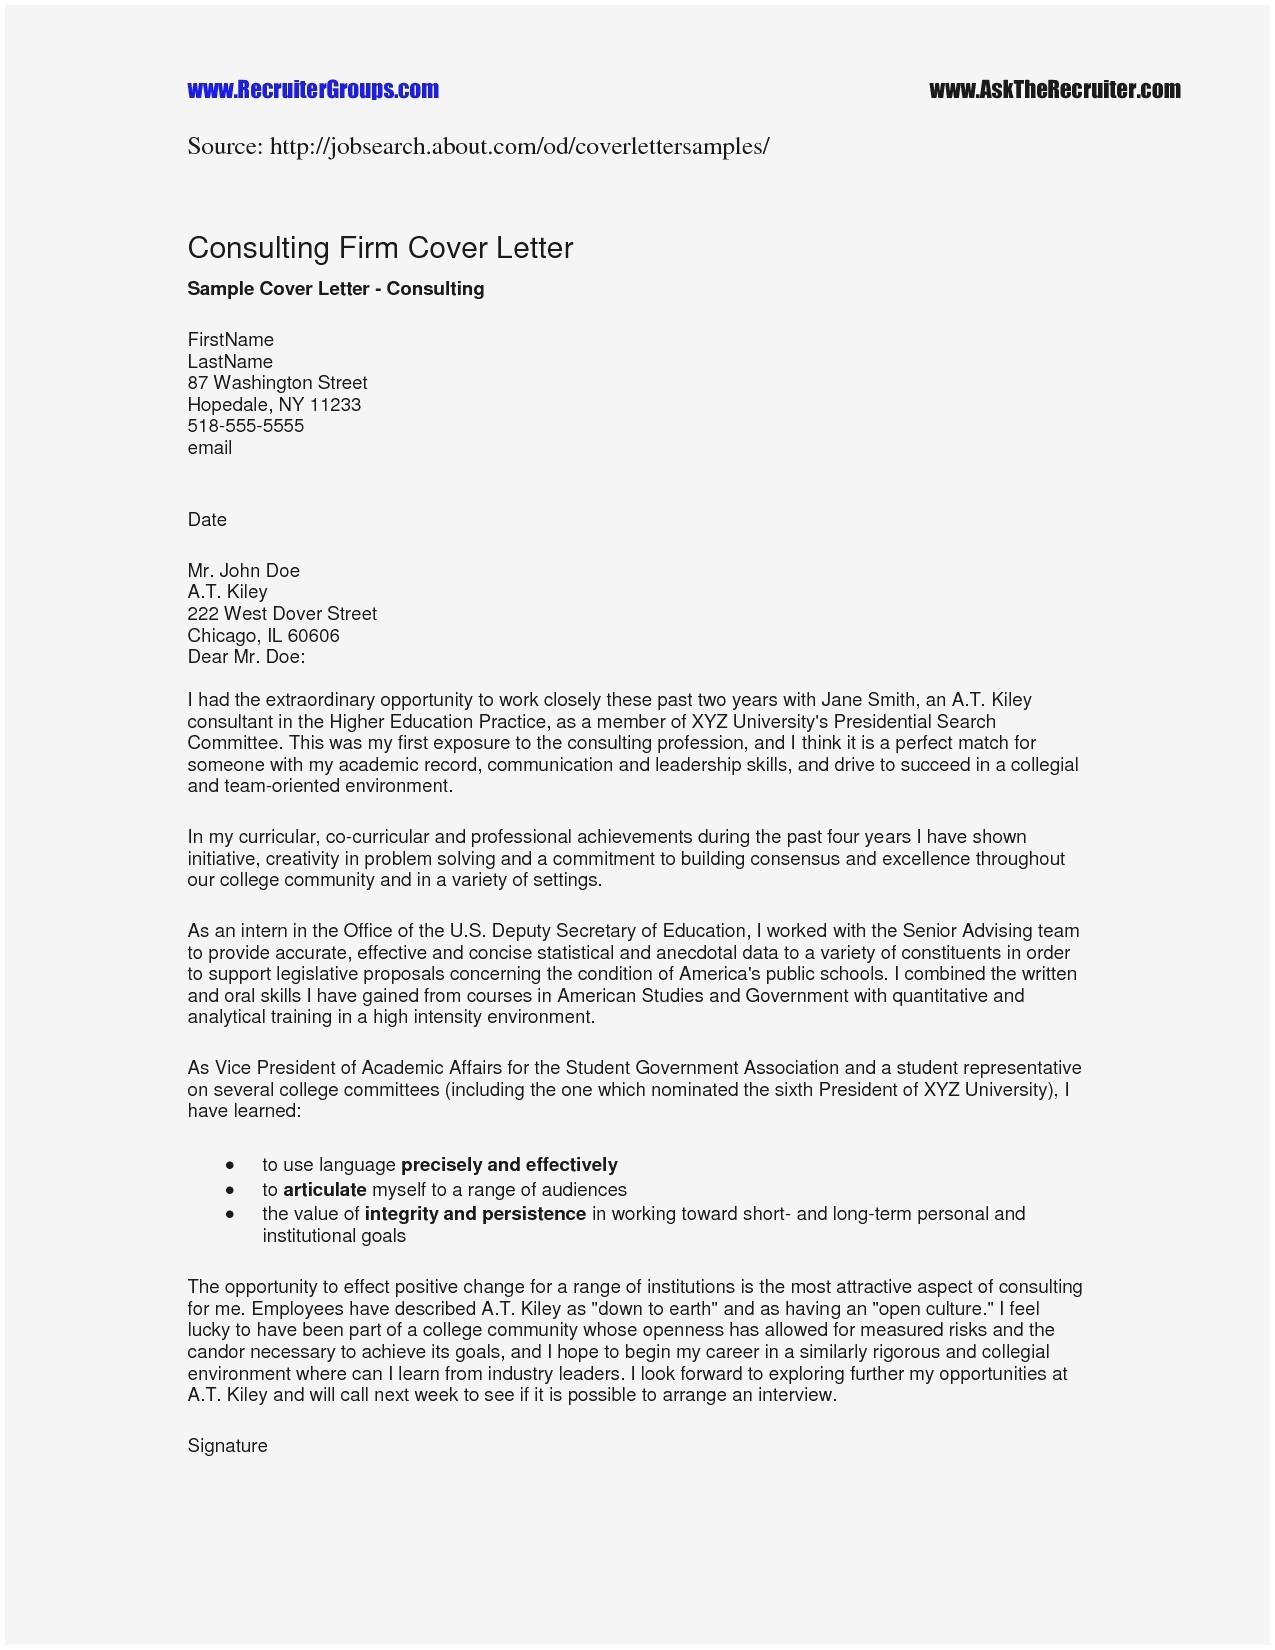 Short Sale Hardship Letter Template - Short Sale Hardship Letter Short Cover Letter Sample Pdf format